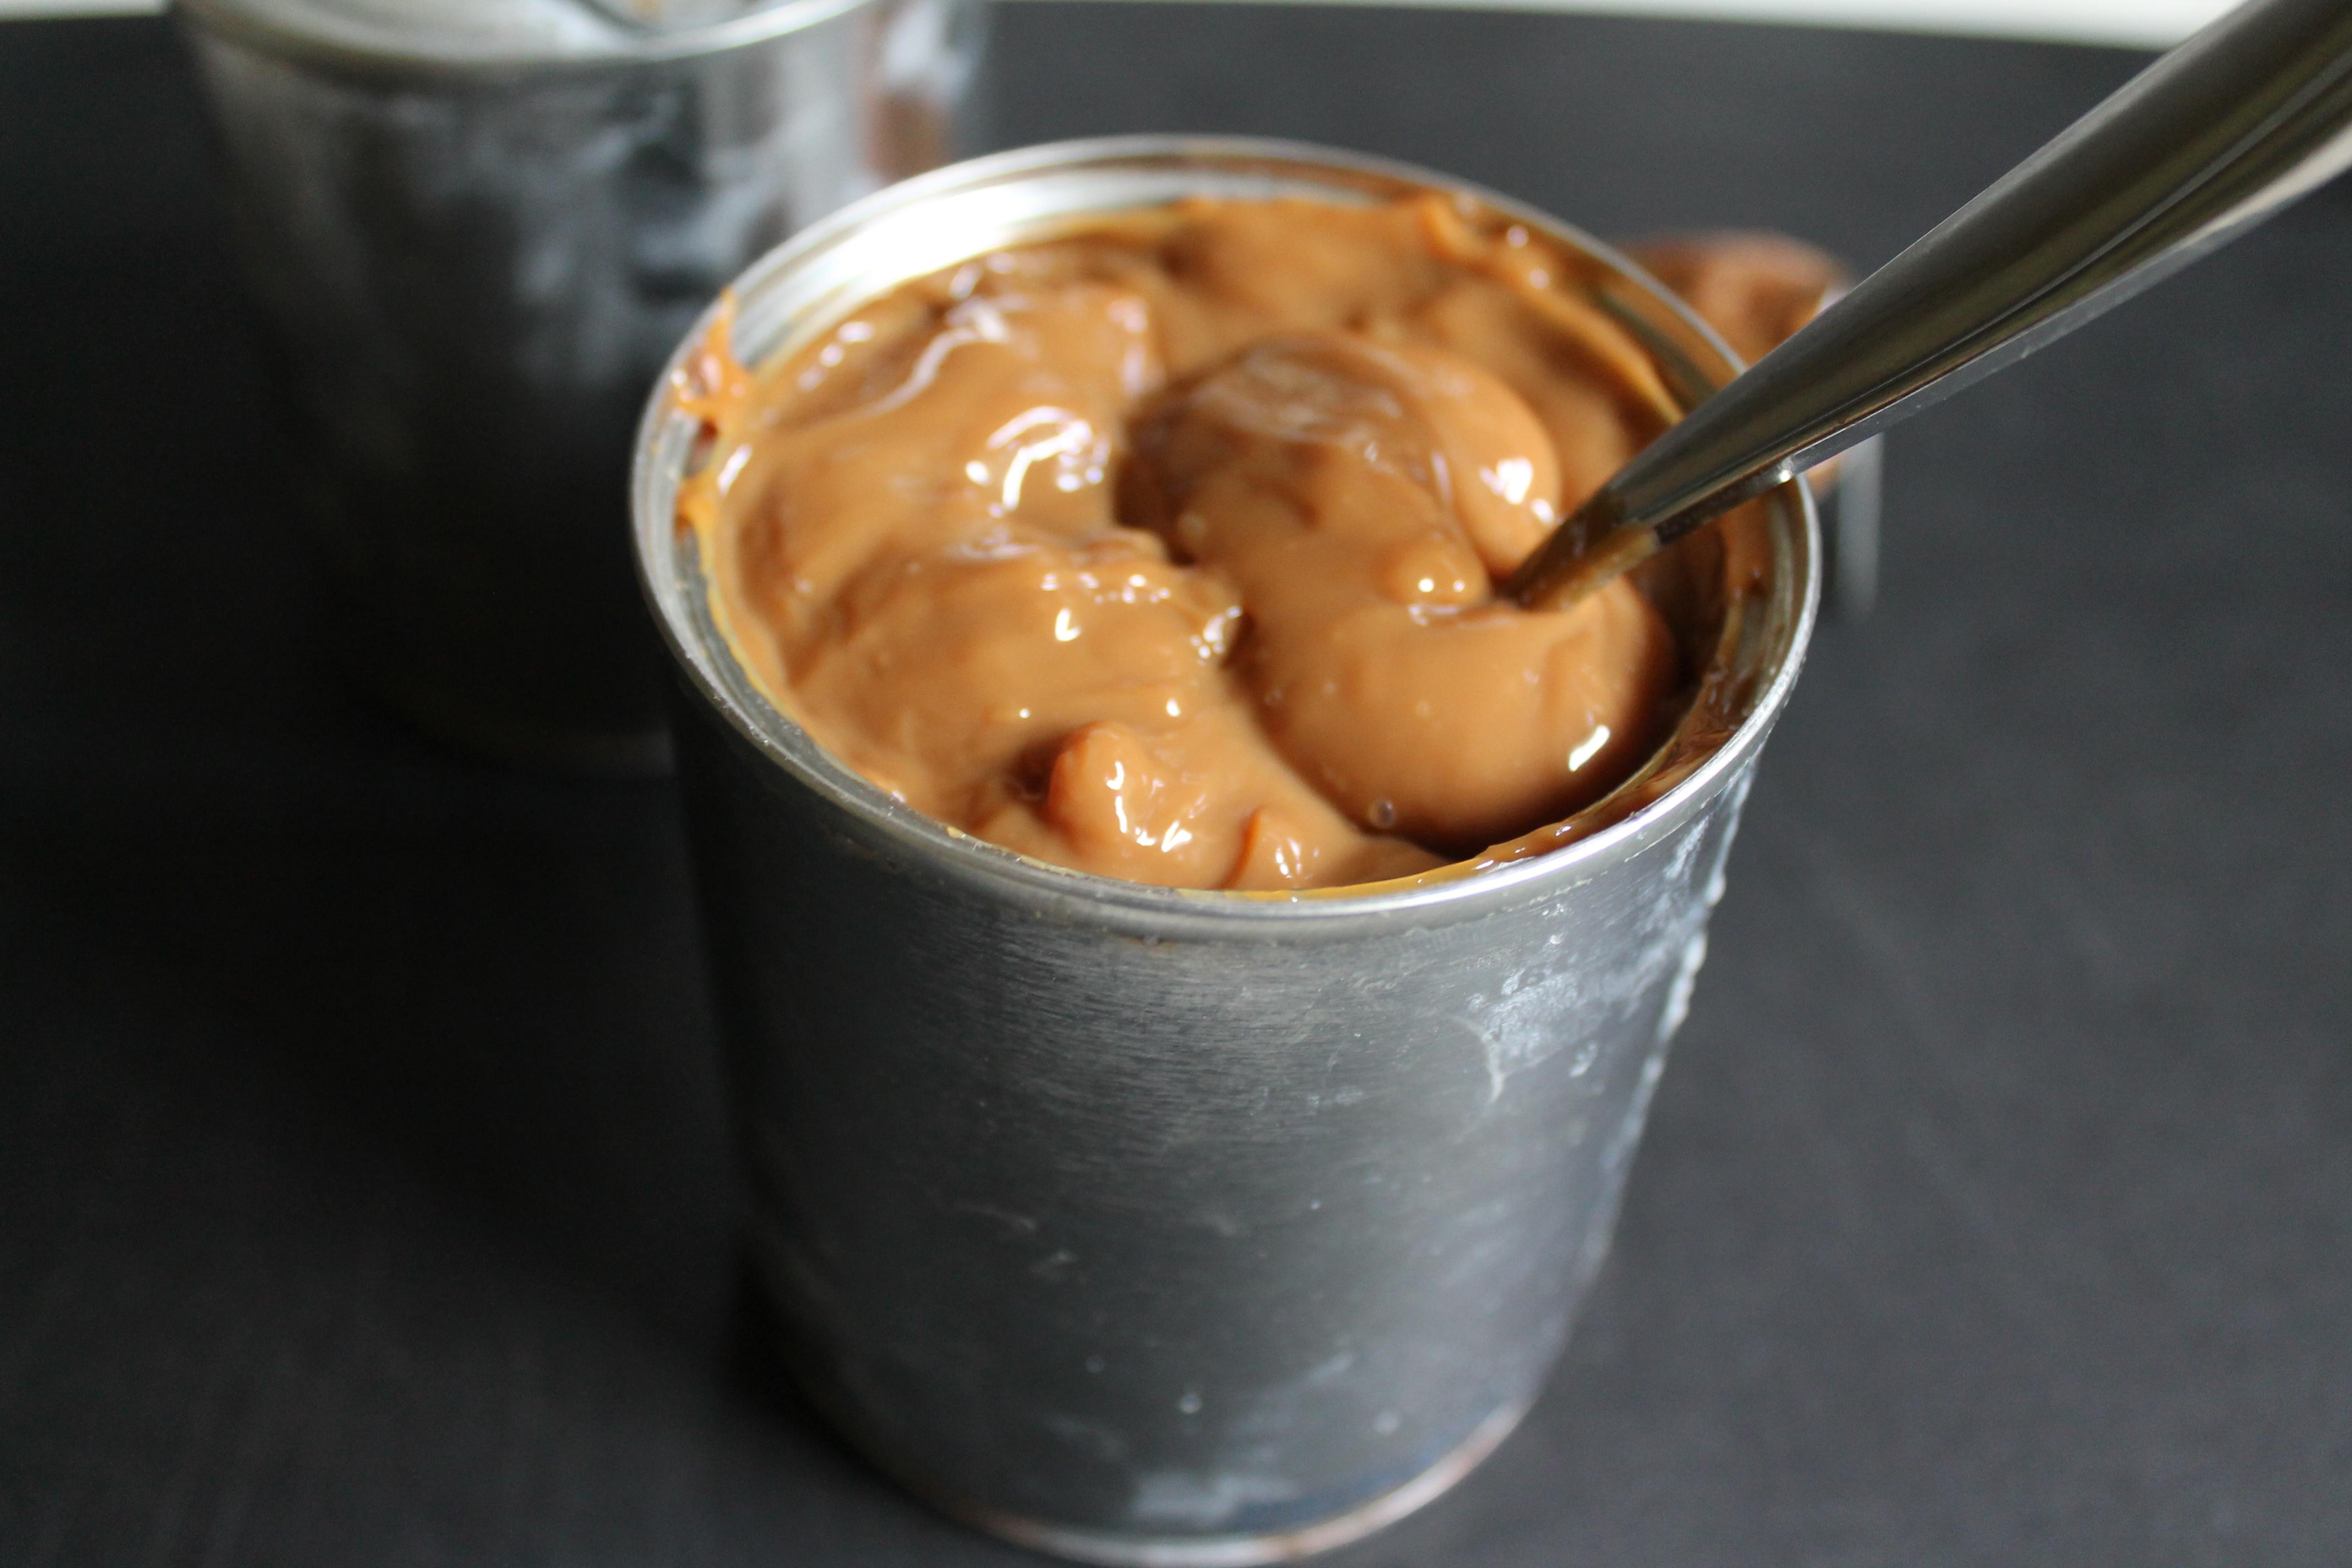 Crockpot Dulche de Leche